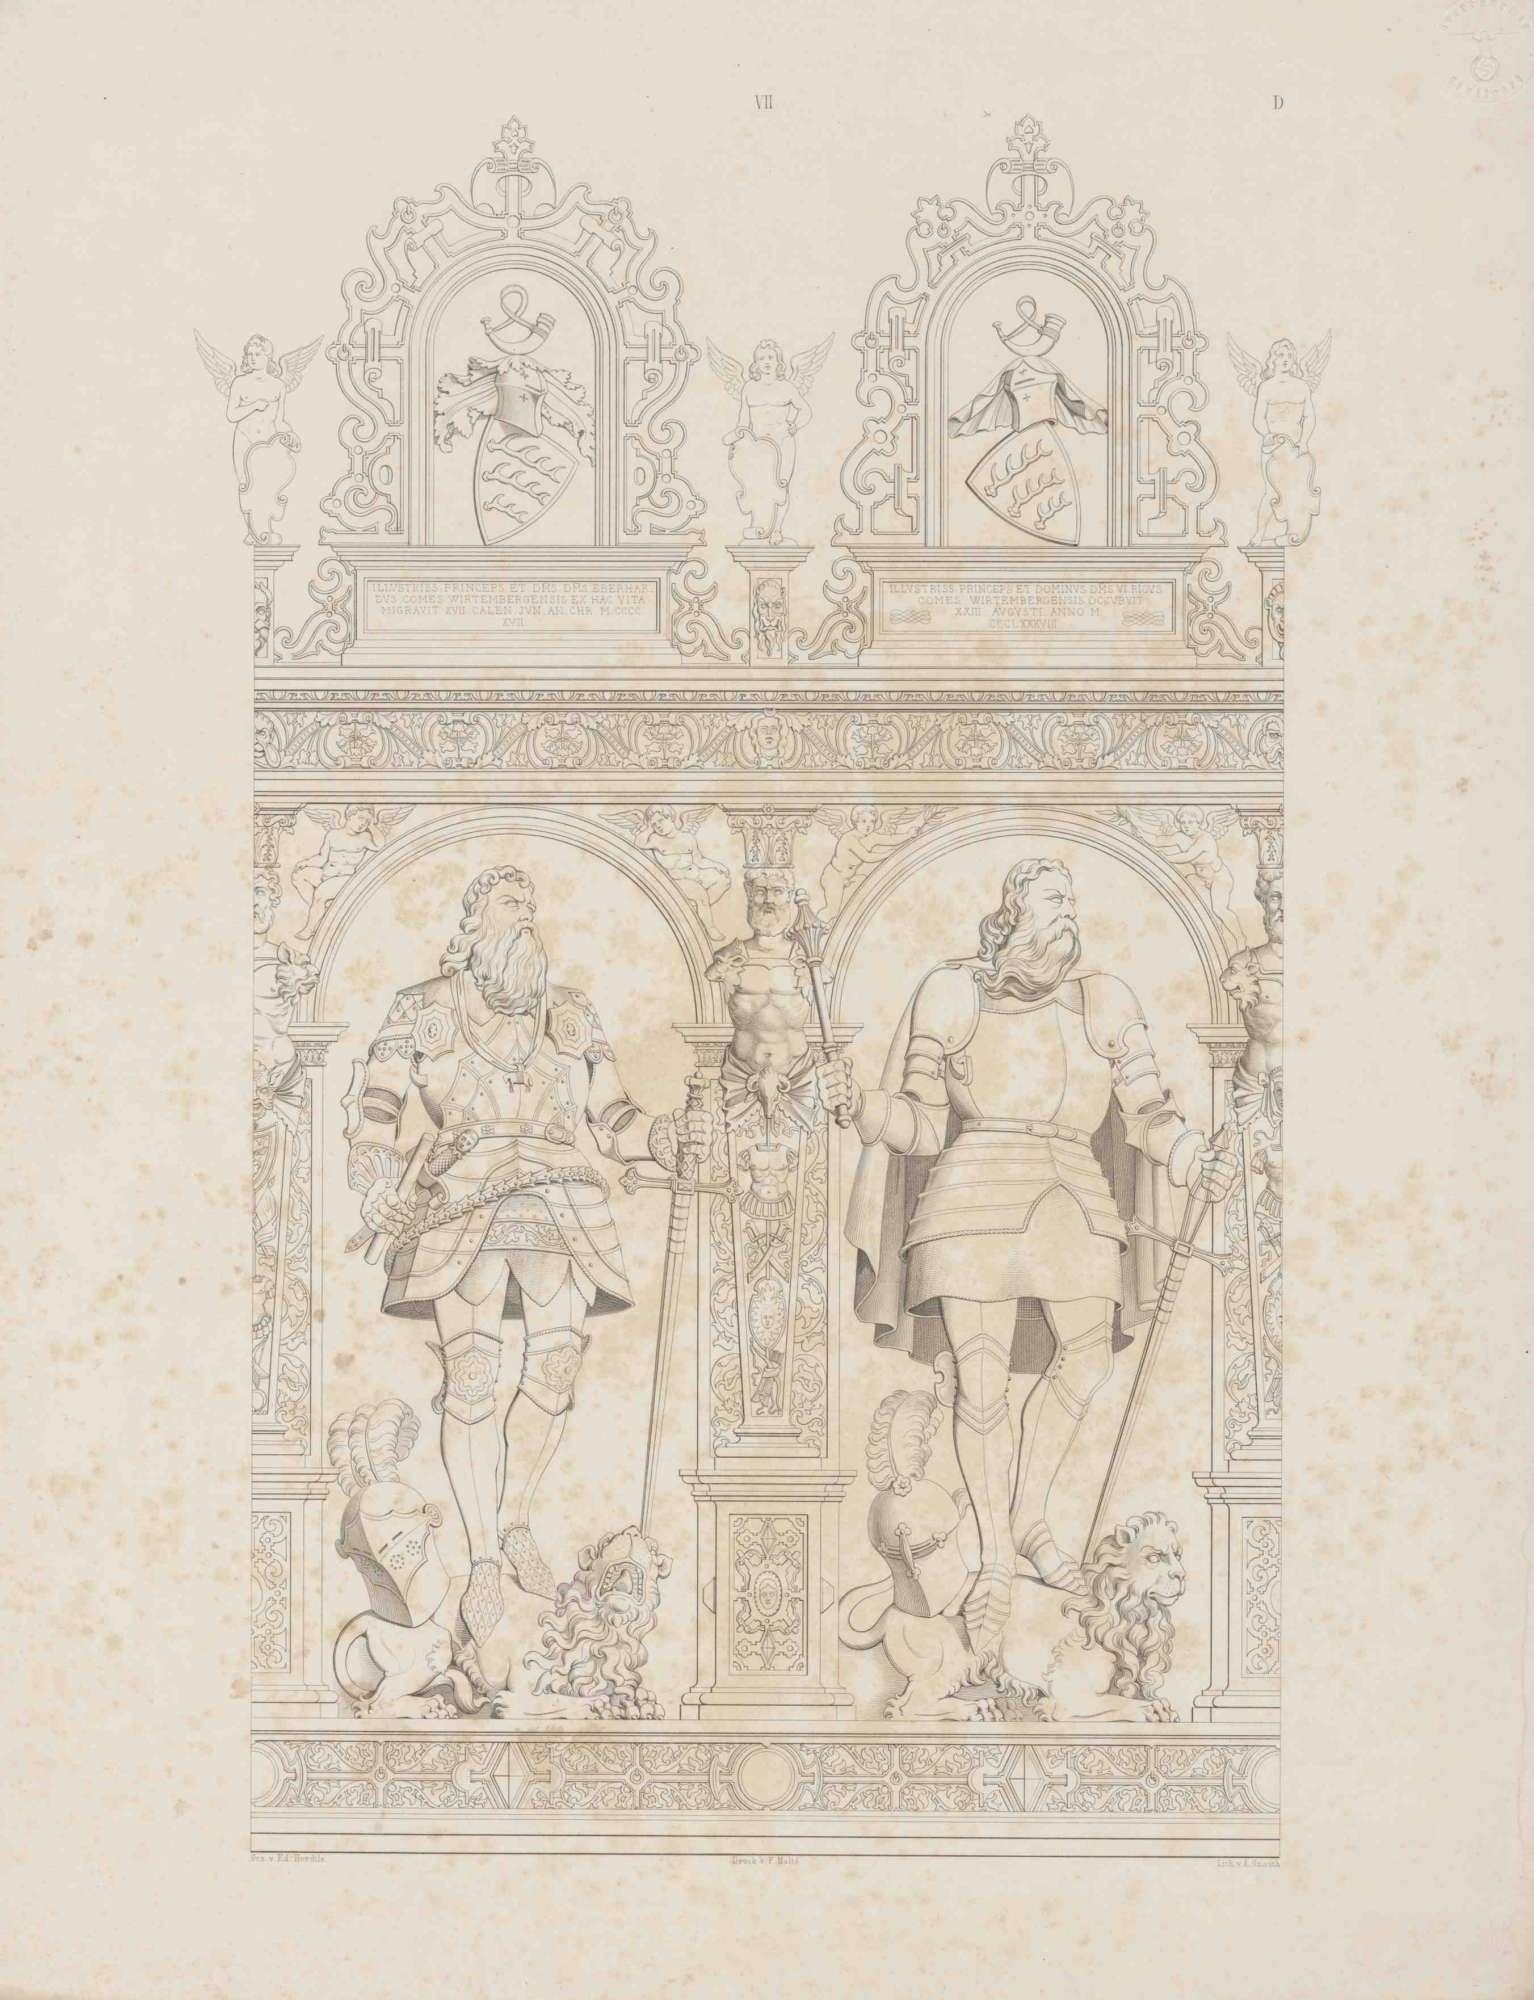 Graf Eberhard III. (der Milde), Graf Ulrich, in Renaissancerahmen mit Wappen und Inschrift, beide in Rüstung auf Löwen stehend, Bild 1